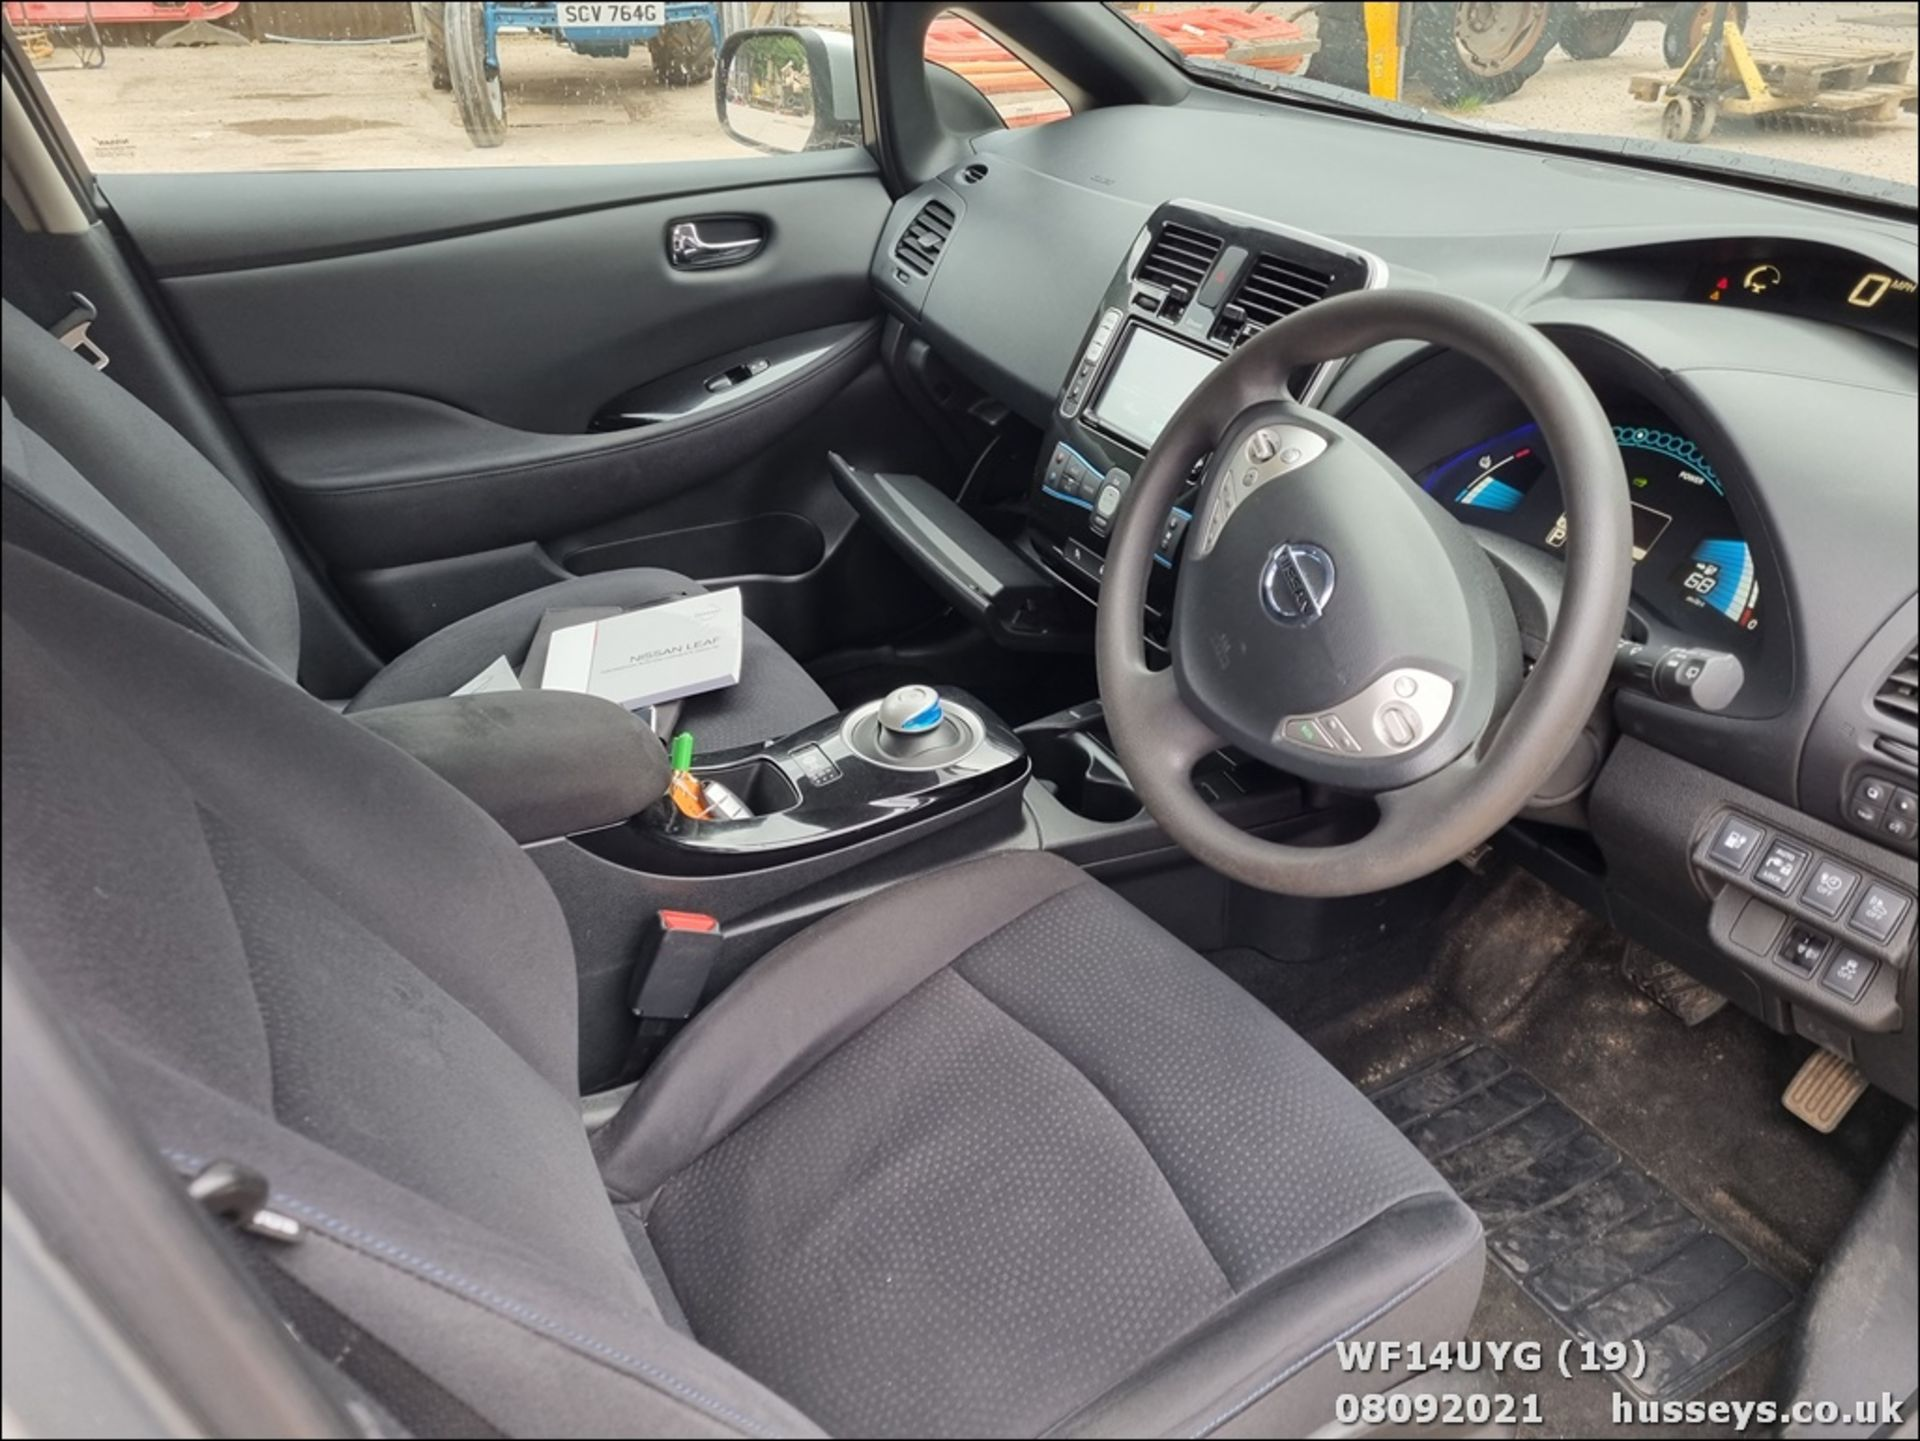 14/14 NISSAN LEAF ACENTA 5dr Hatchback (Silver, 19k) - Image 19 of 26